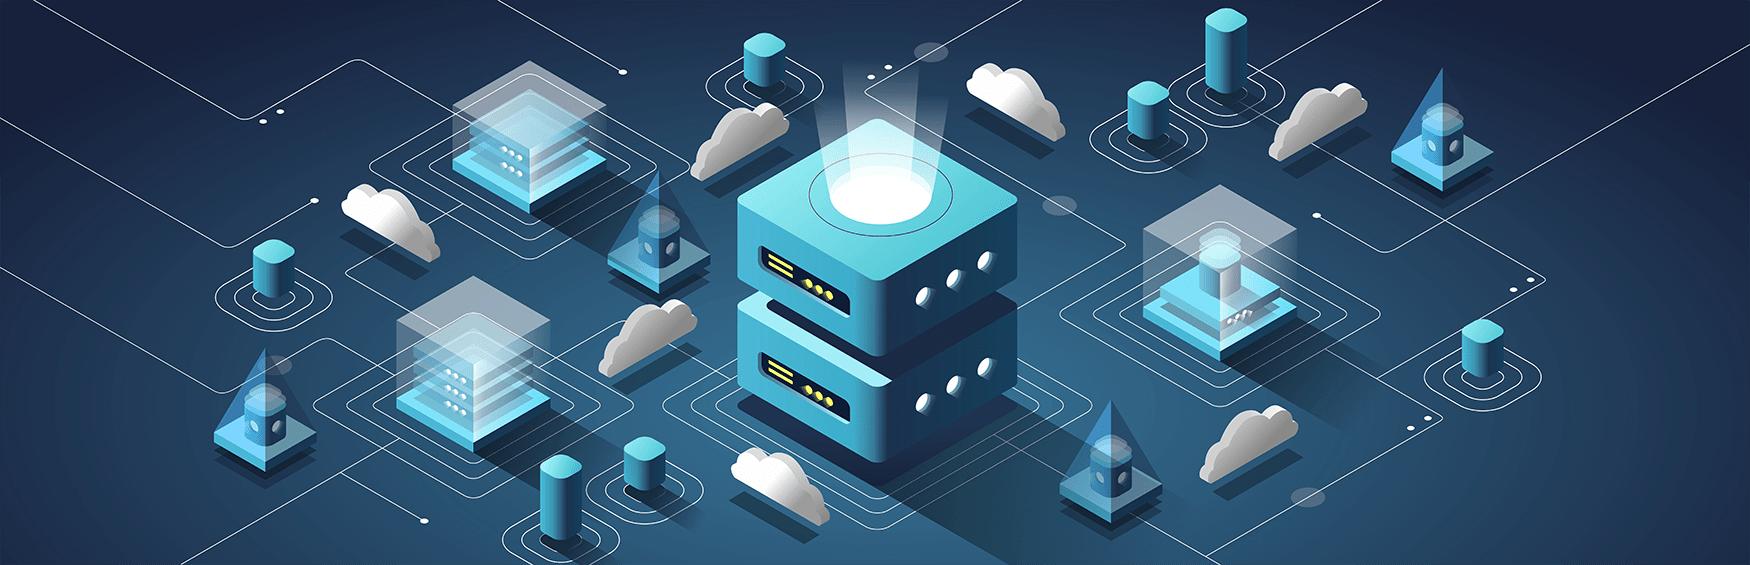 Builderstorm-server